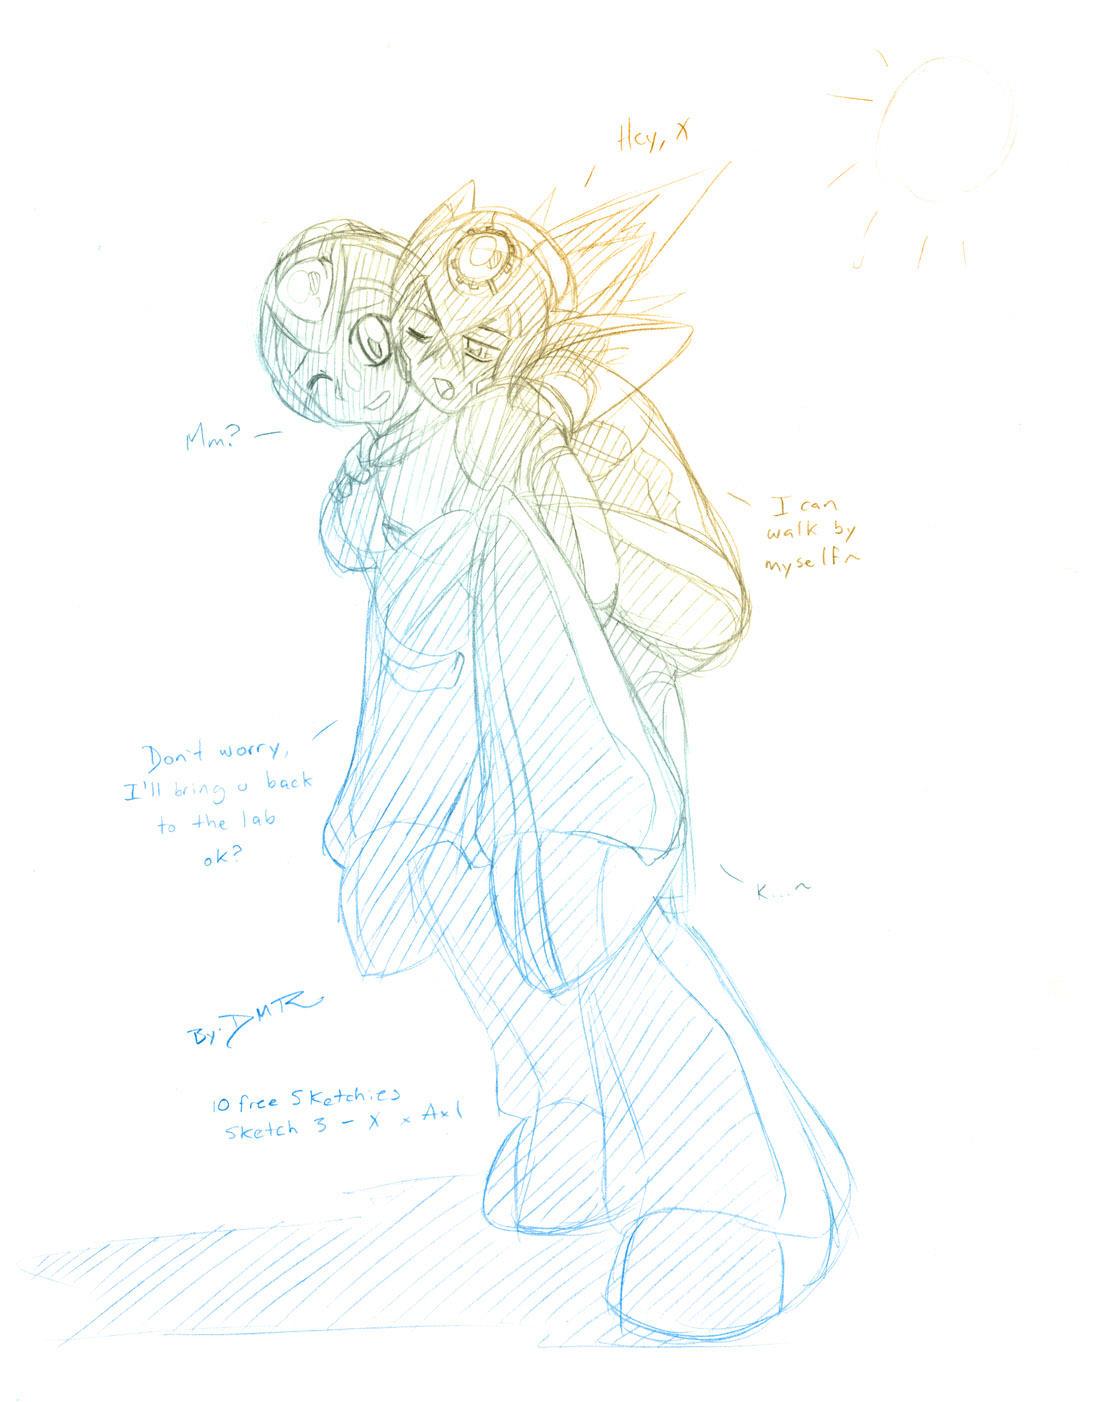 Sketchie 3: X X Axl by DMR-ELK